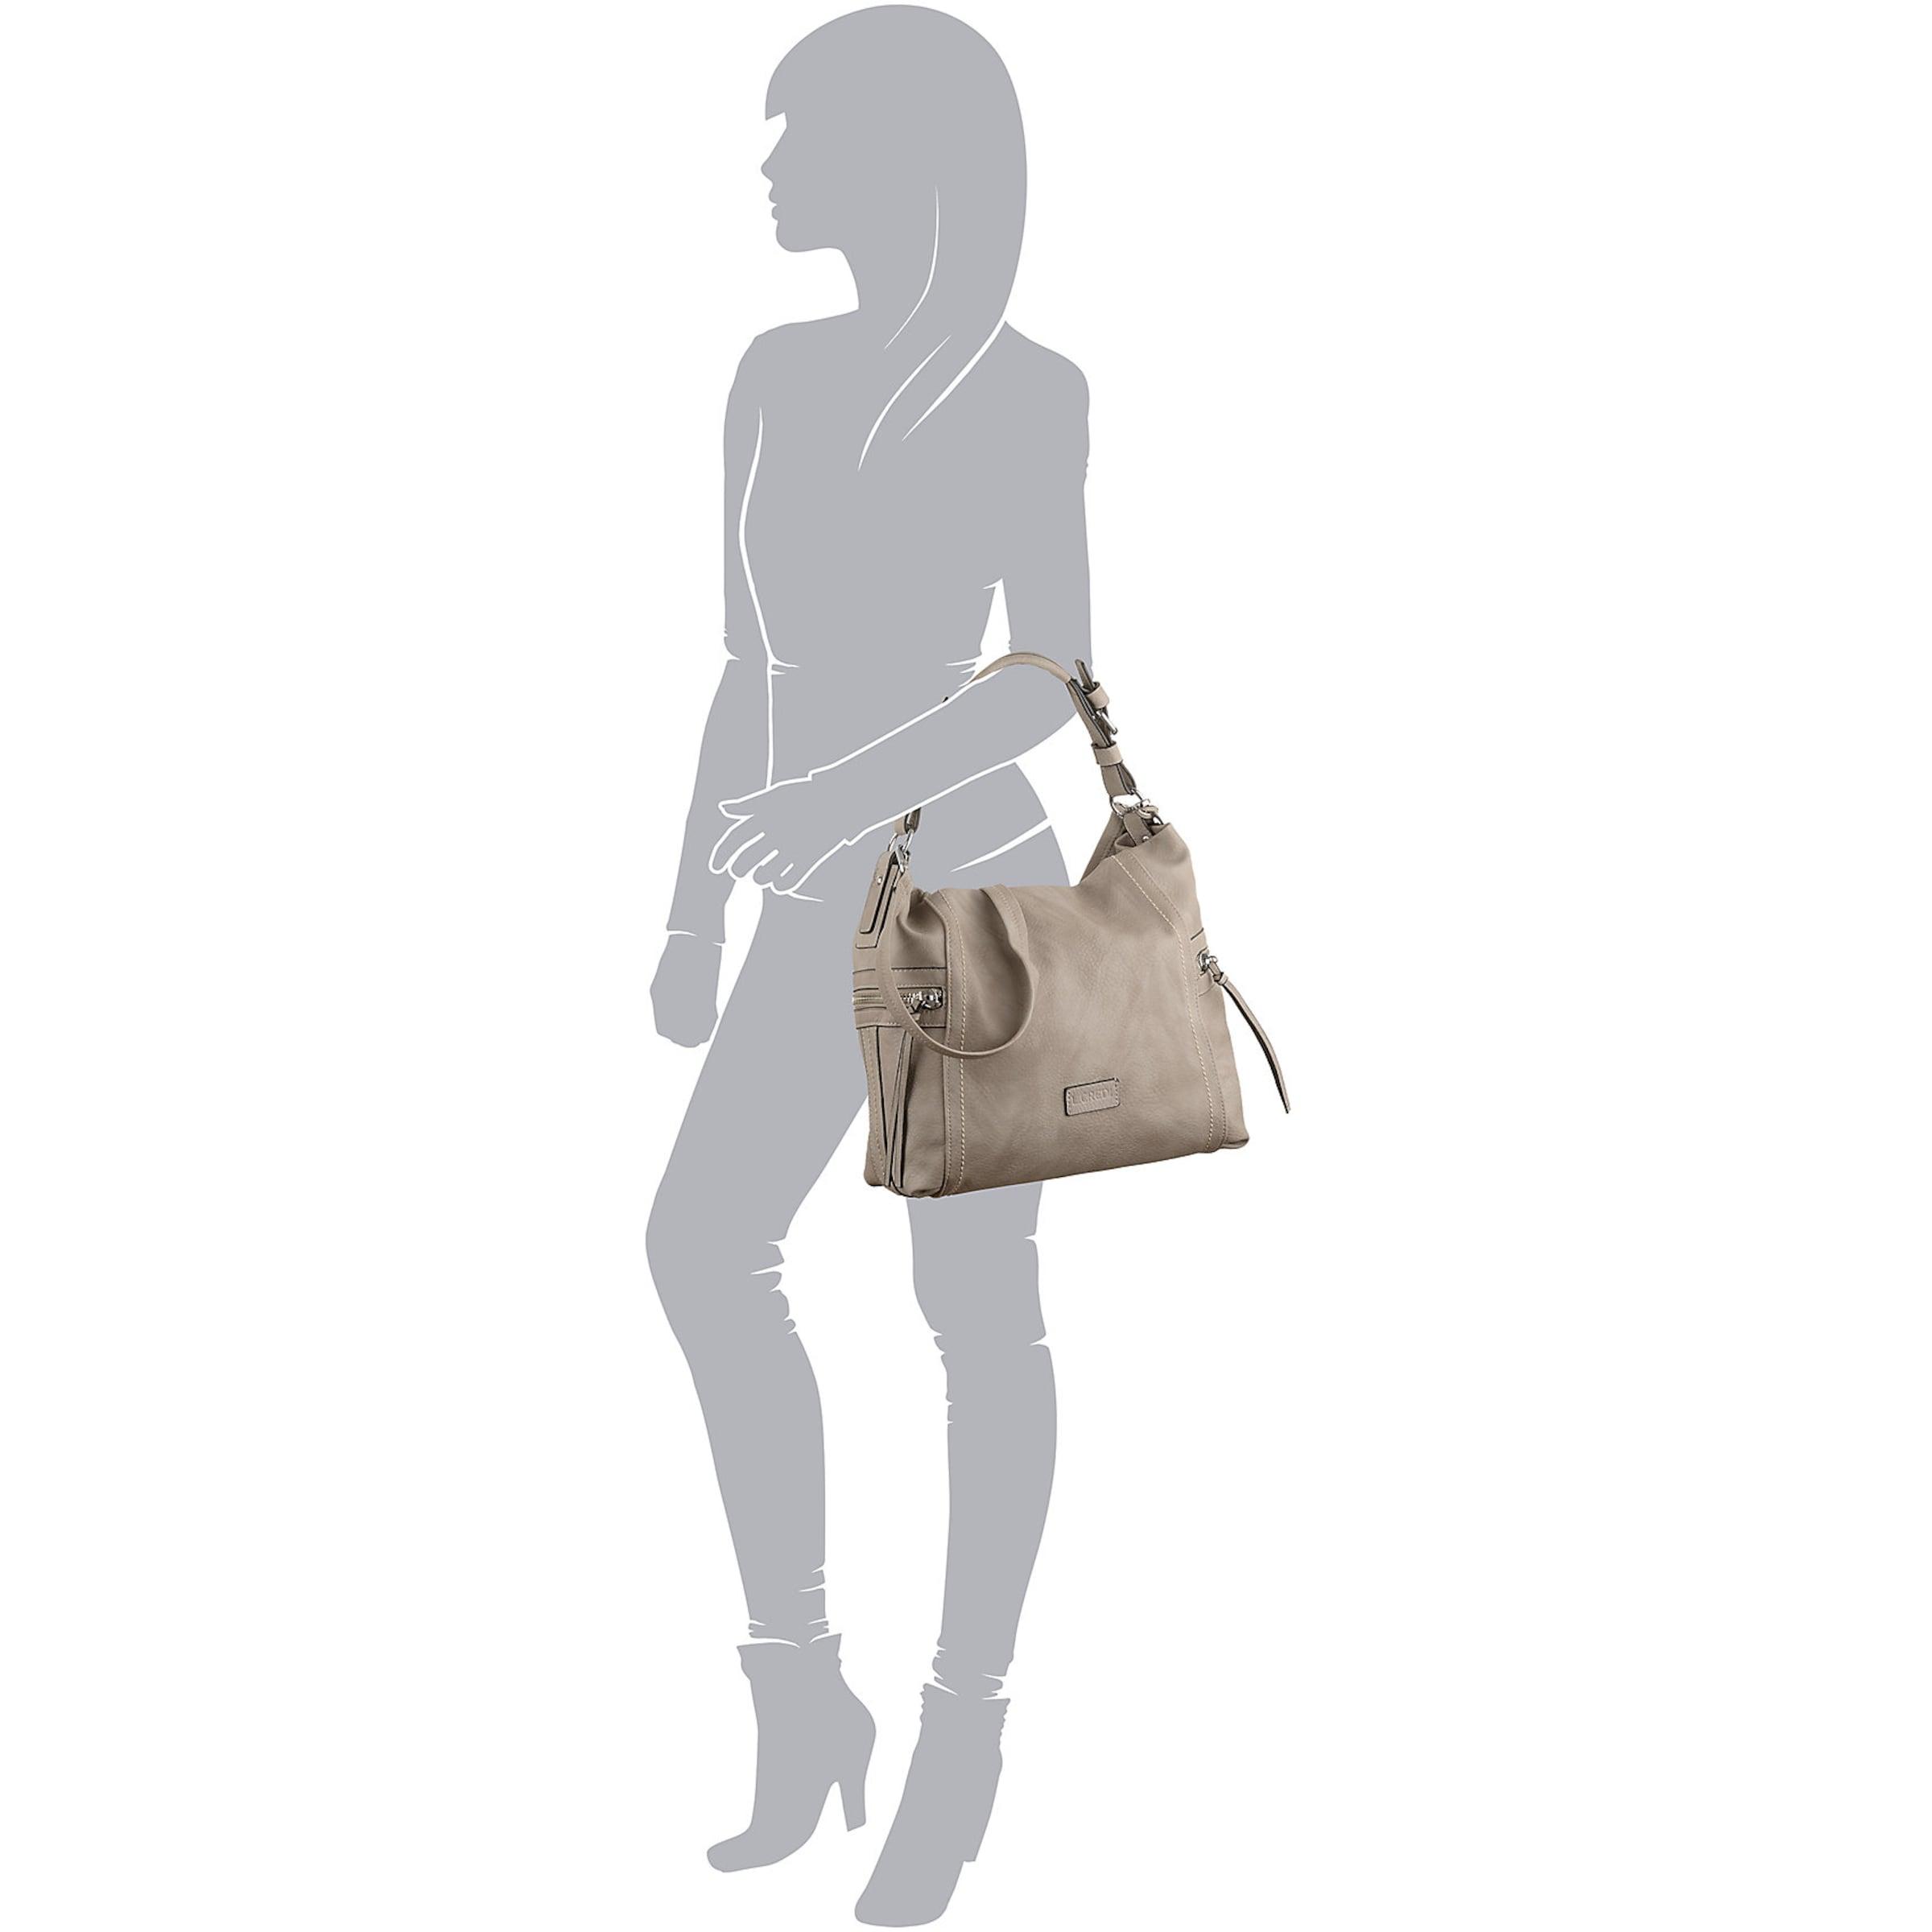 Fabrikpreis L.CREDI Handtasche 'Venezia' Billigste Online Wirklich Billig Online Verkauf Der Billigsten Rabatt Authentisch Noypy91C